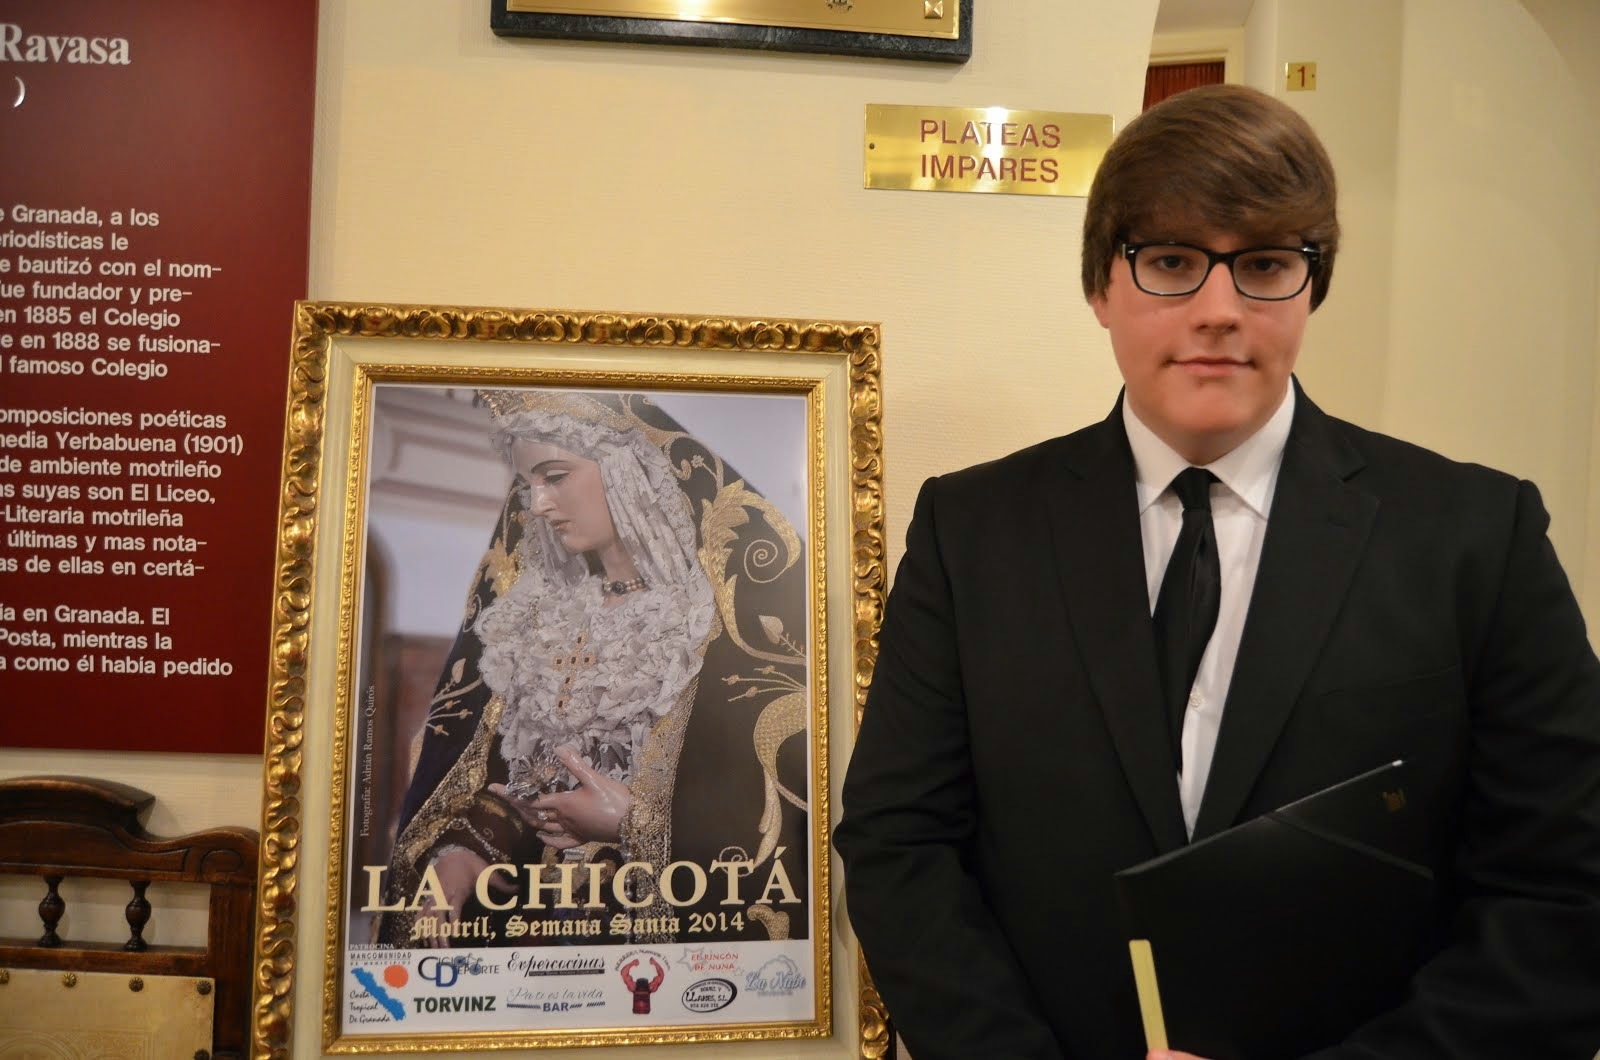 Cartel de La Chicotá 2014